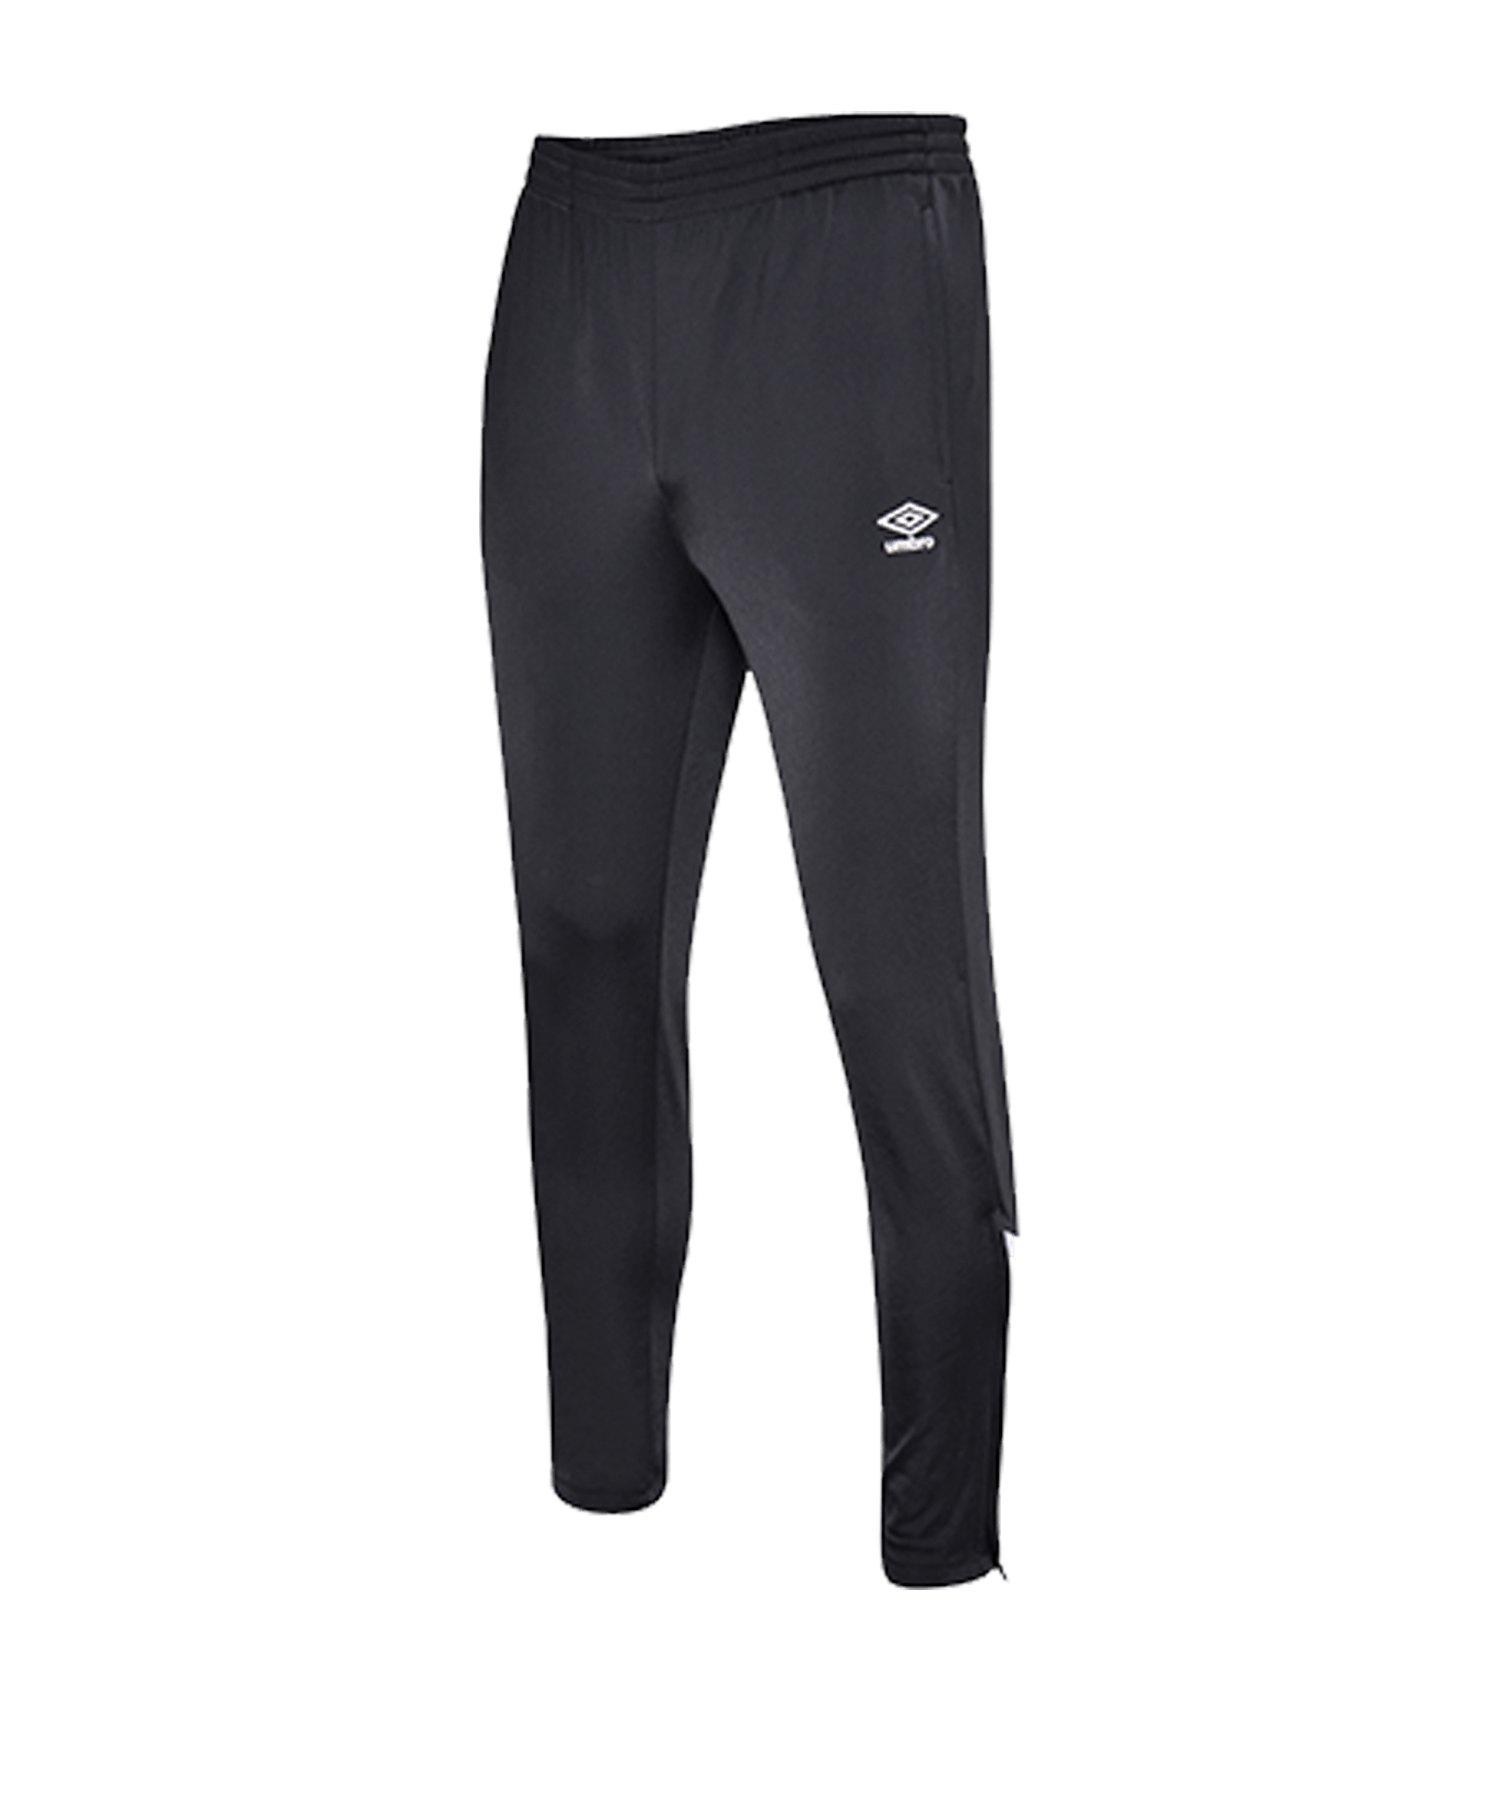 Umbro Knitted Pant Joggingshose Kids Schwarz FFL3 - schwarz